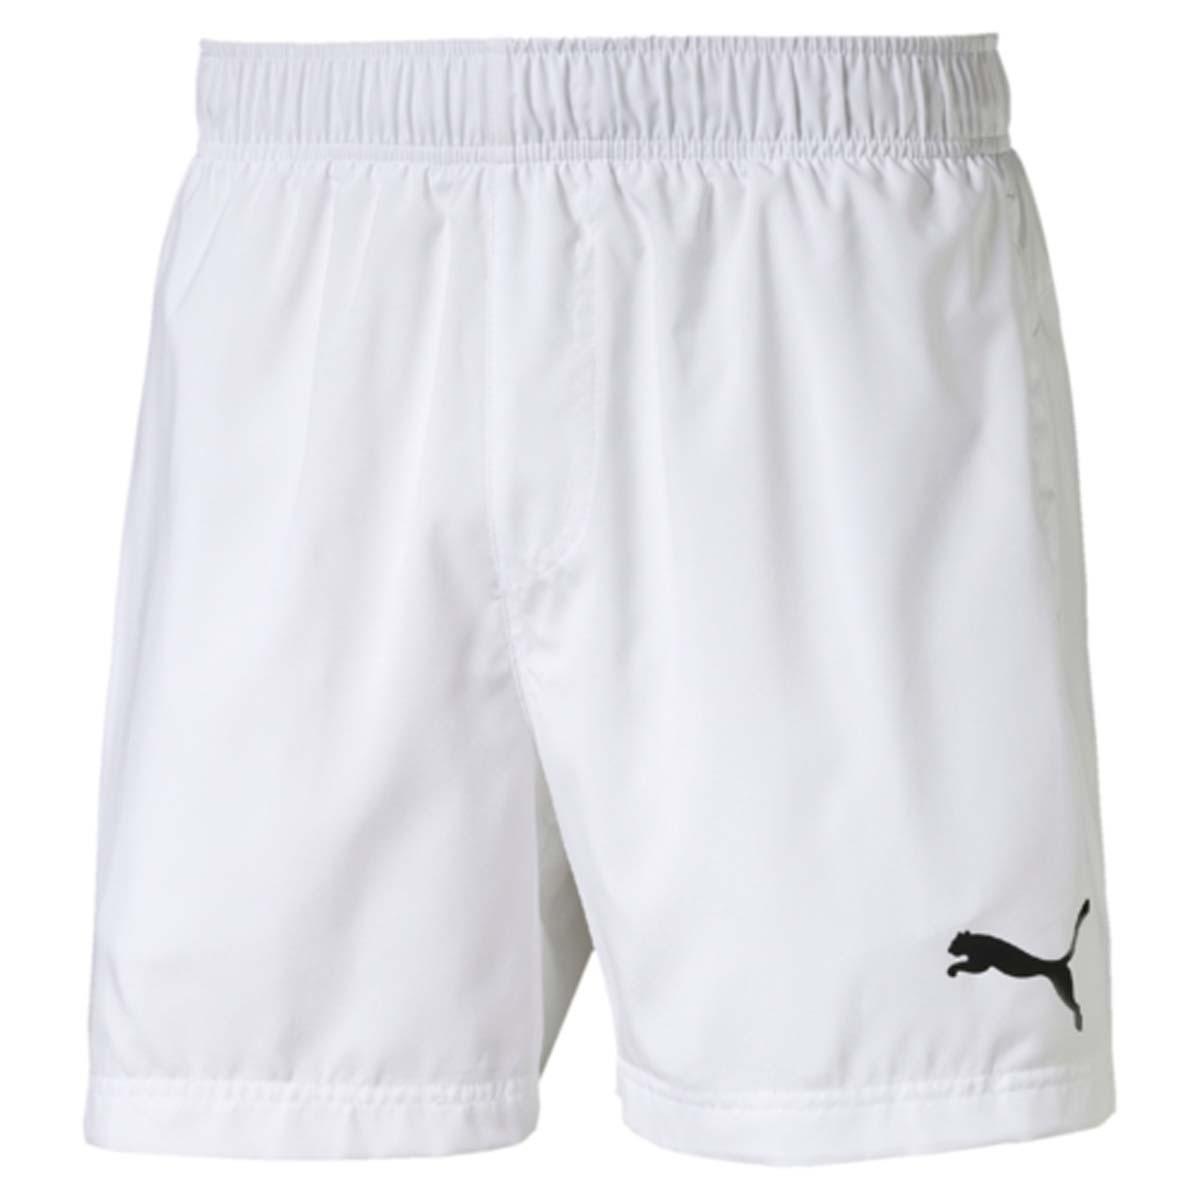 Шорты мужские Puma Ess Woven Shorts 5, цвет: белый. 838271_02. Размер M (48/50)838271_02Шорты ESS Woven Shorts 5 - отличное сочетание функциональности и комфорта. Эластичная ткань выдерживает серьезные нагрузки, не теряя своих свойств. Модель скроена таким образом, чтобы шорты не вызывали ощущения дискомфорта даже при активных движениях. Среди других особенностей изделия - эластичный пояс с продернутыми в нем затягивающимися шнурами, боковые карманы, а также нашитая сверху задняя кокетка для лучшей посадки по фигуре. Шорты декорированы логотипом PUMA, нанесенным методом глянцевой печати.